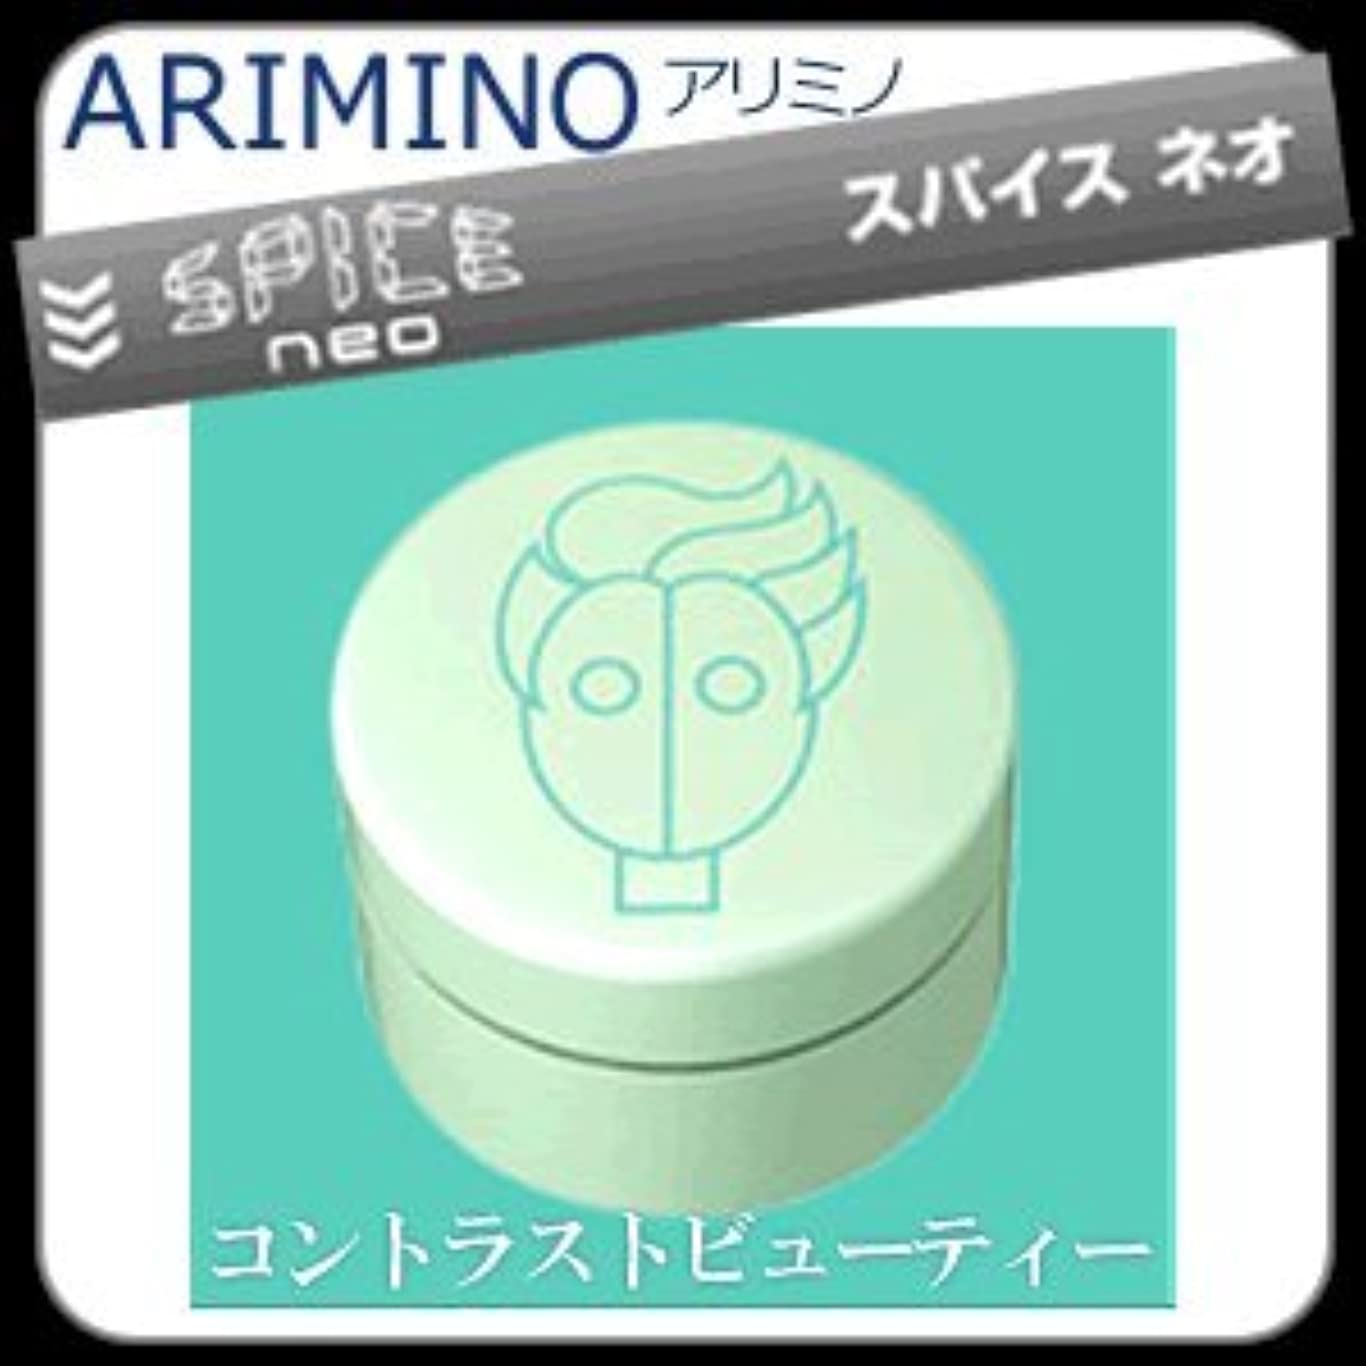 デンマークリテラシー恐ろしいです【X2個セット】 アリミノ スパイスネオ GREASE-WAX グリースワックス 100g ARIMINO SPICE neo